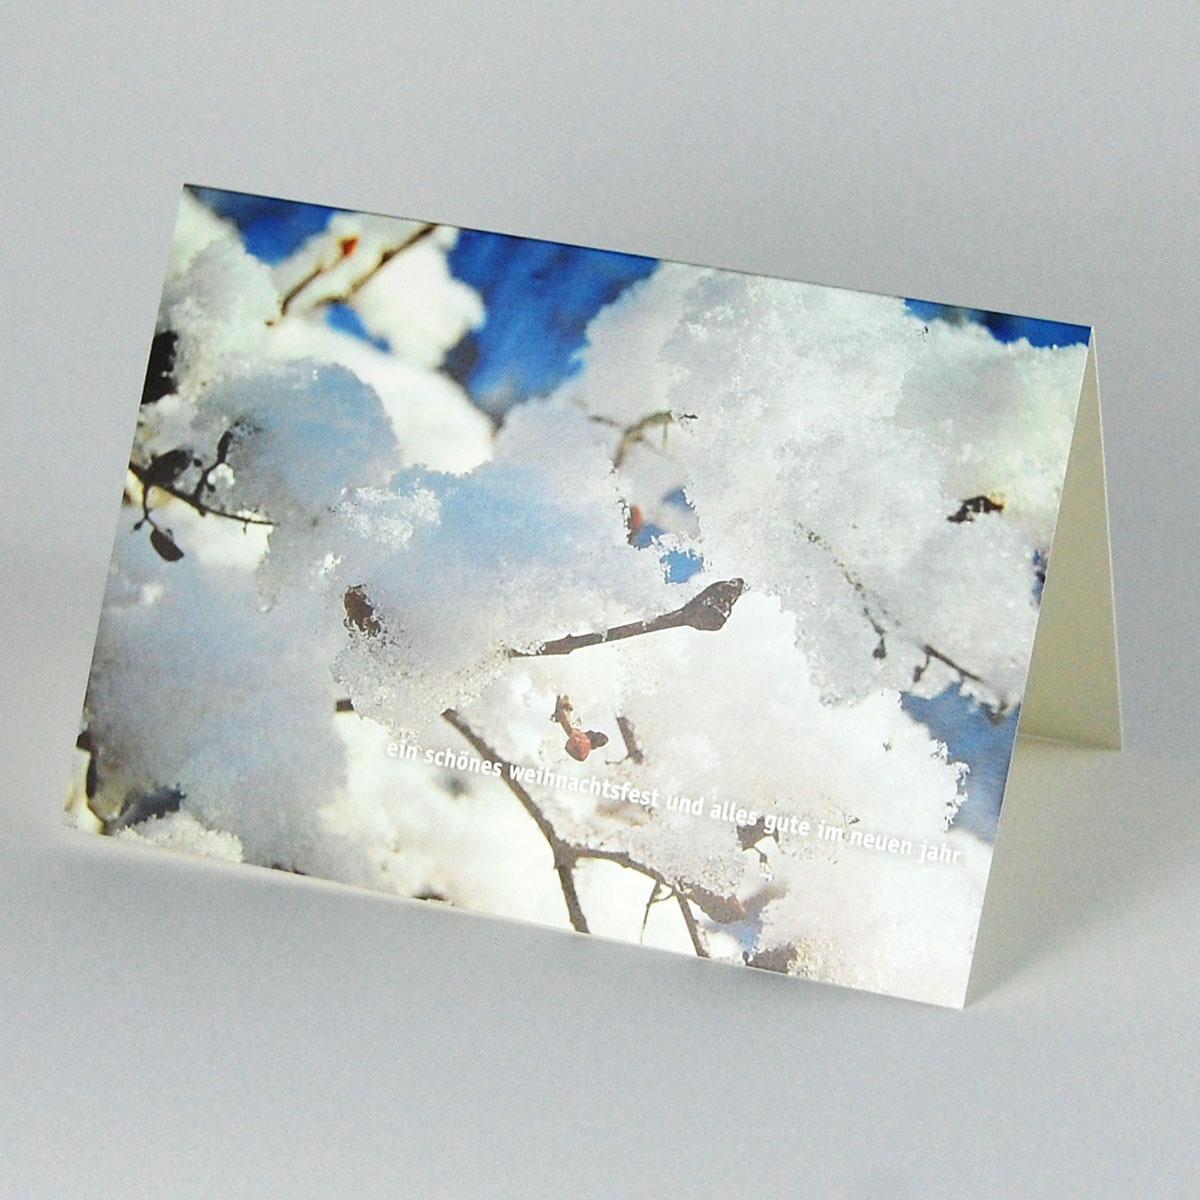 Winterliche Weihnachtsgrüße.Karte Für Weihnachten Und Neujahr Zweig Mit Schnee